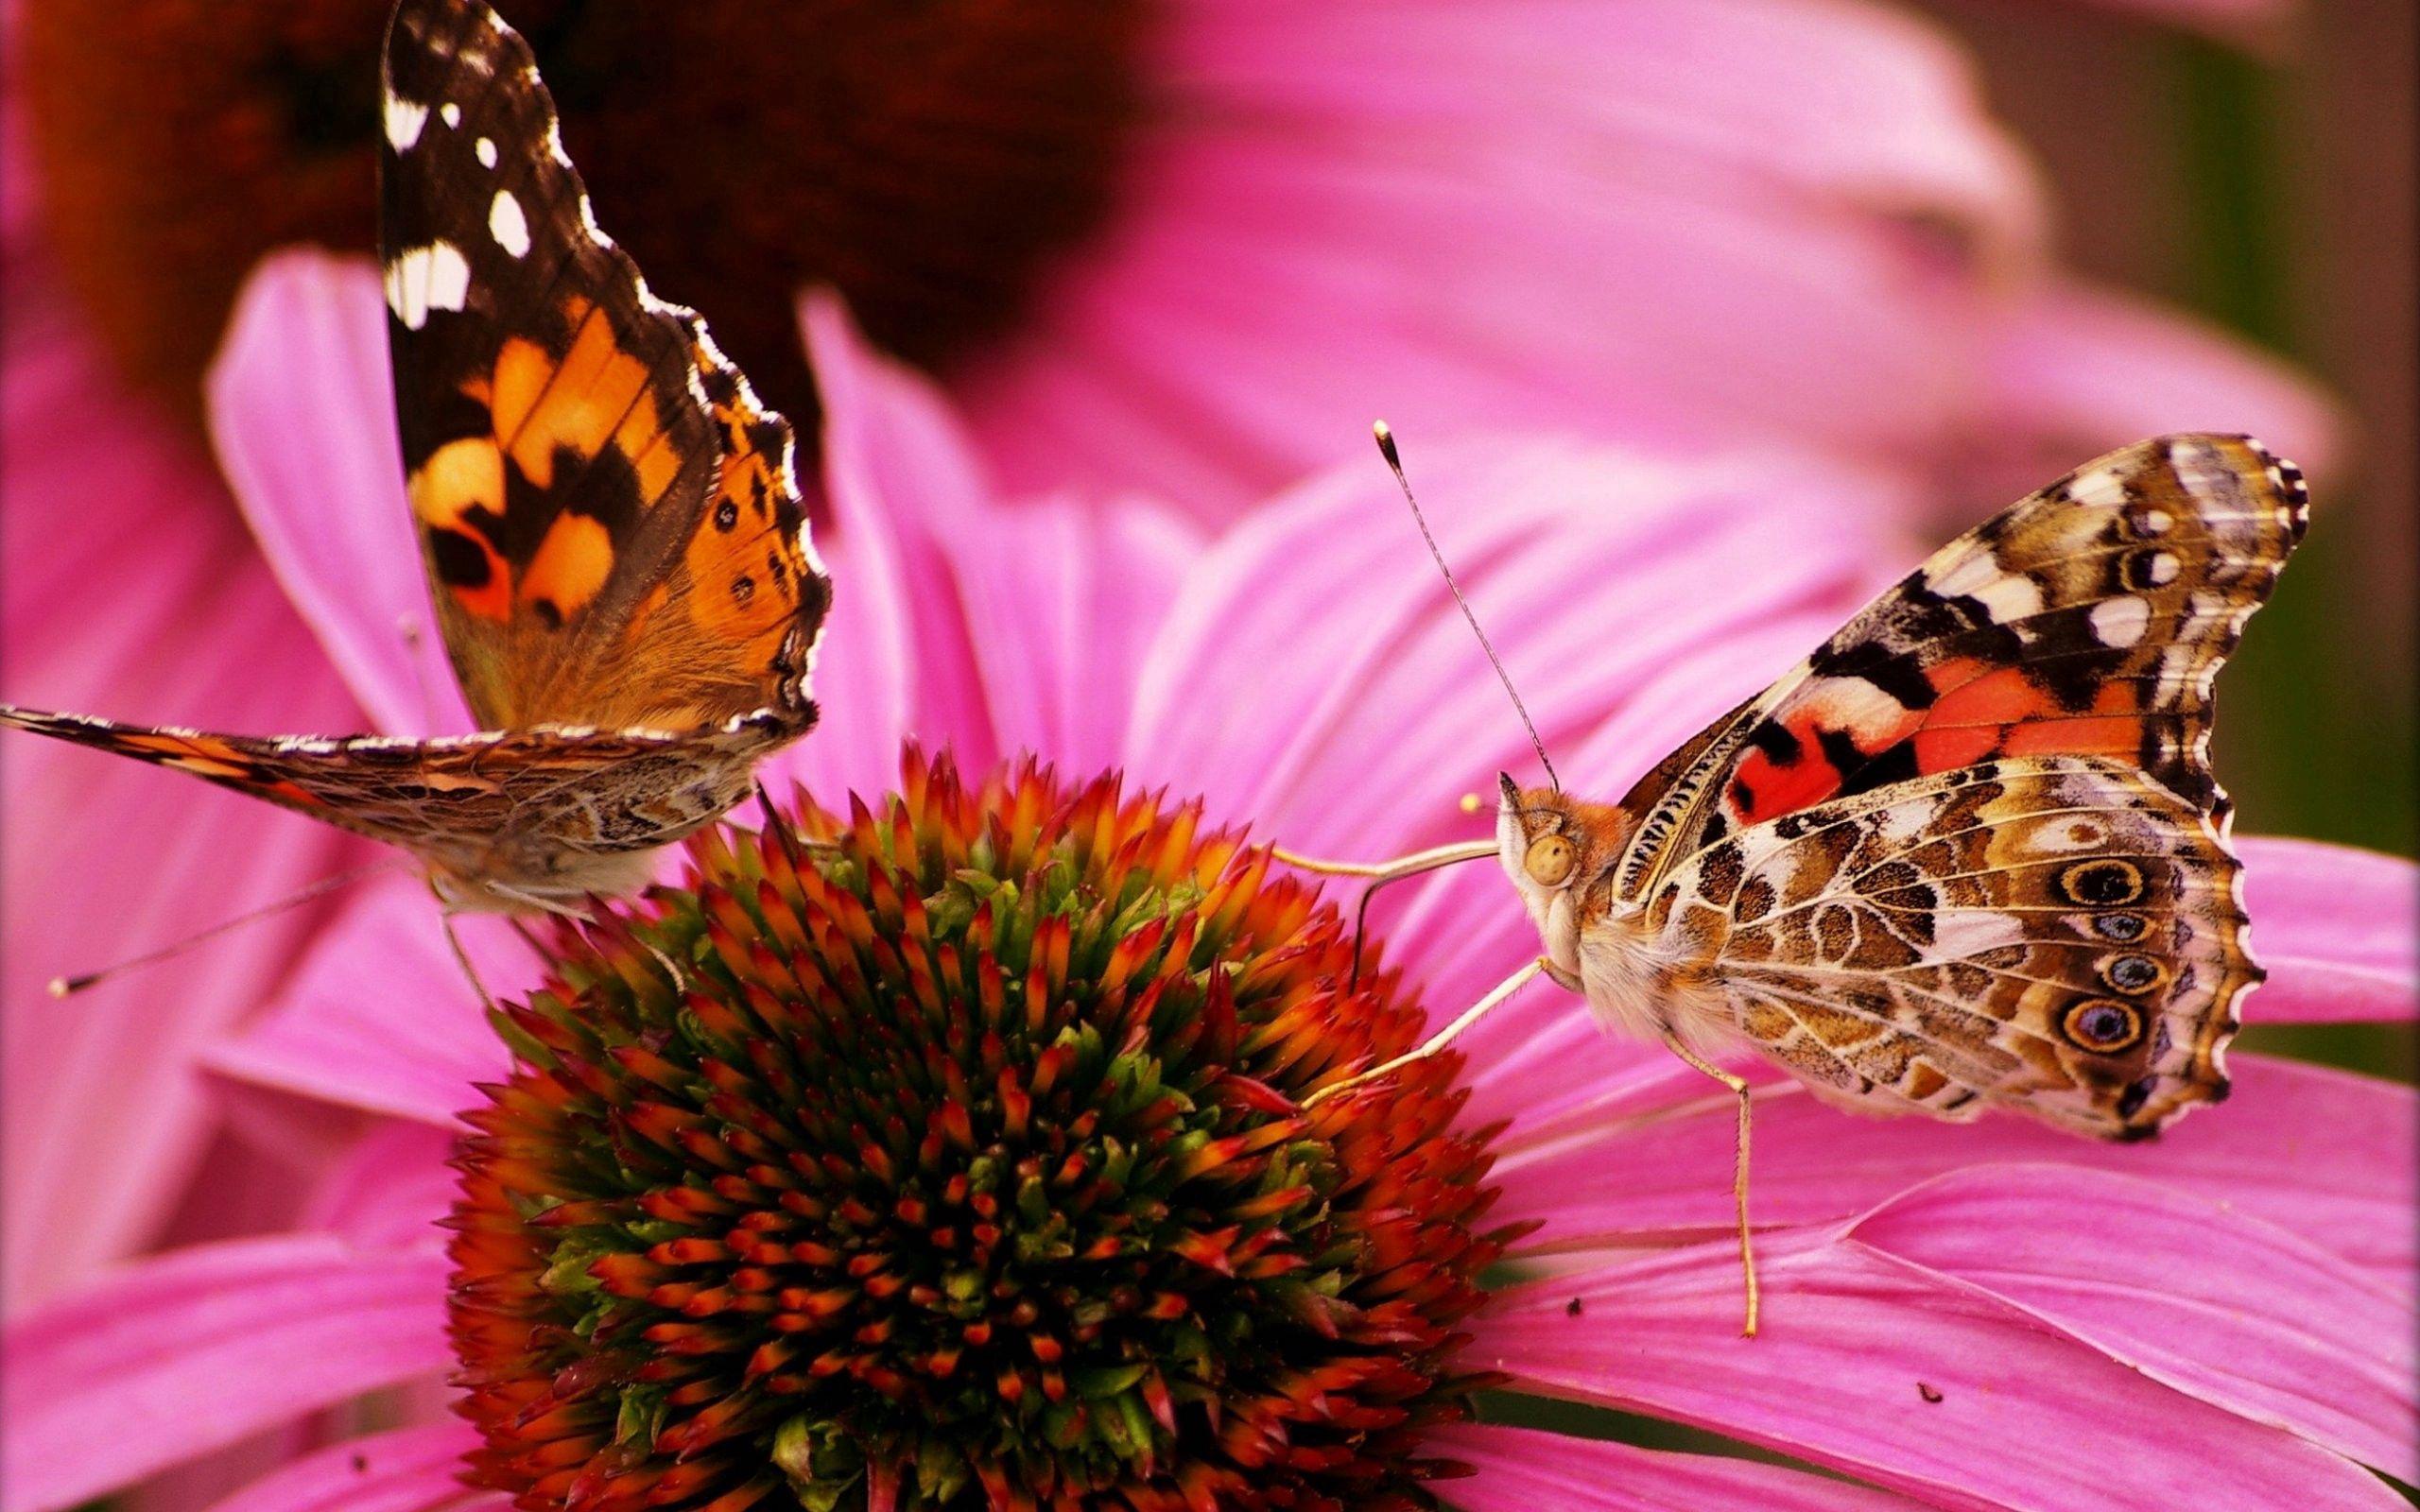 156490 скачать обои Макро, Бабочки, Цветок, Красивые, Лепестки - заставки и картинки бесплатно